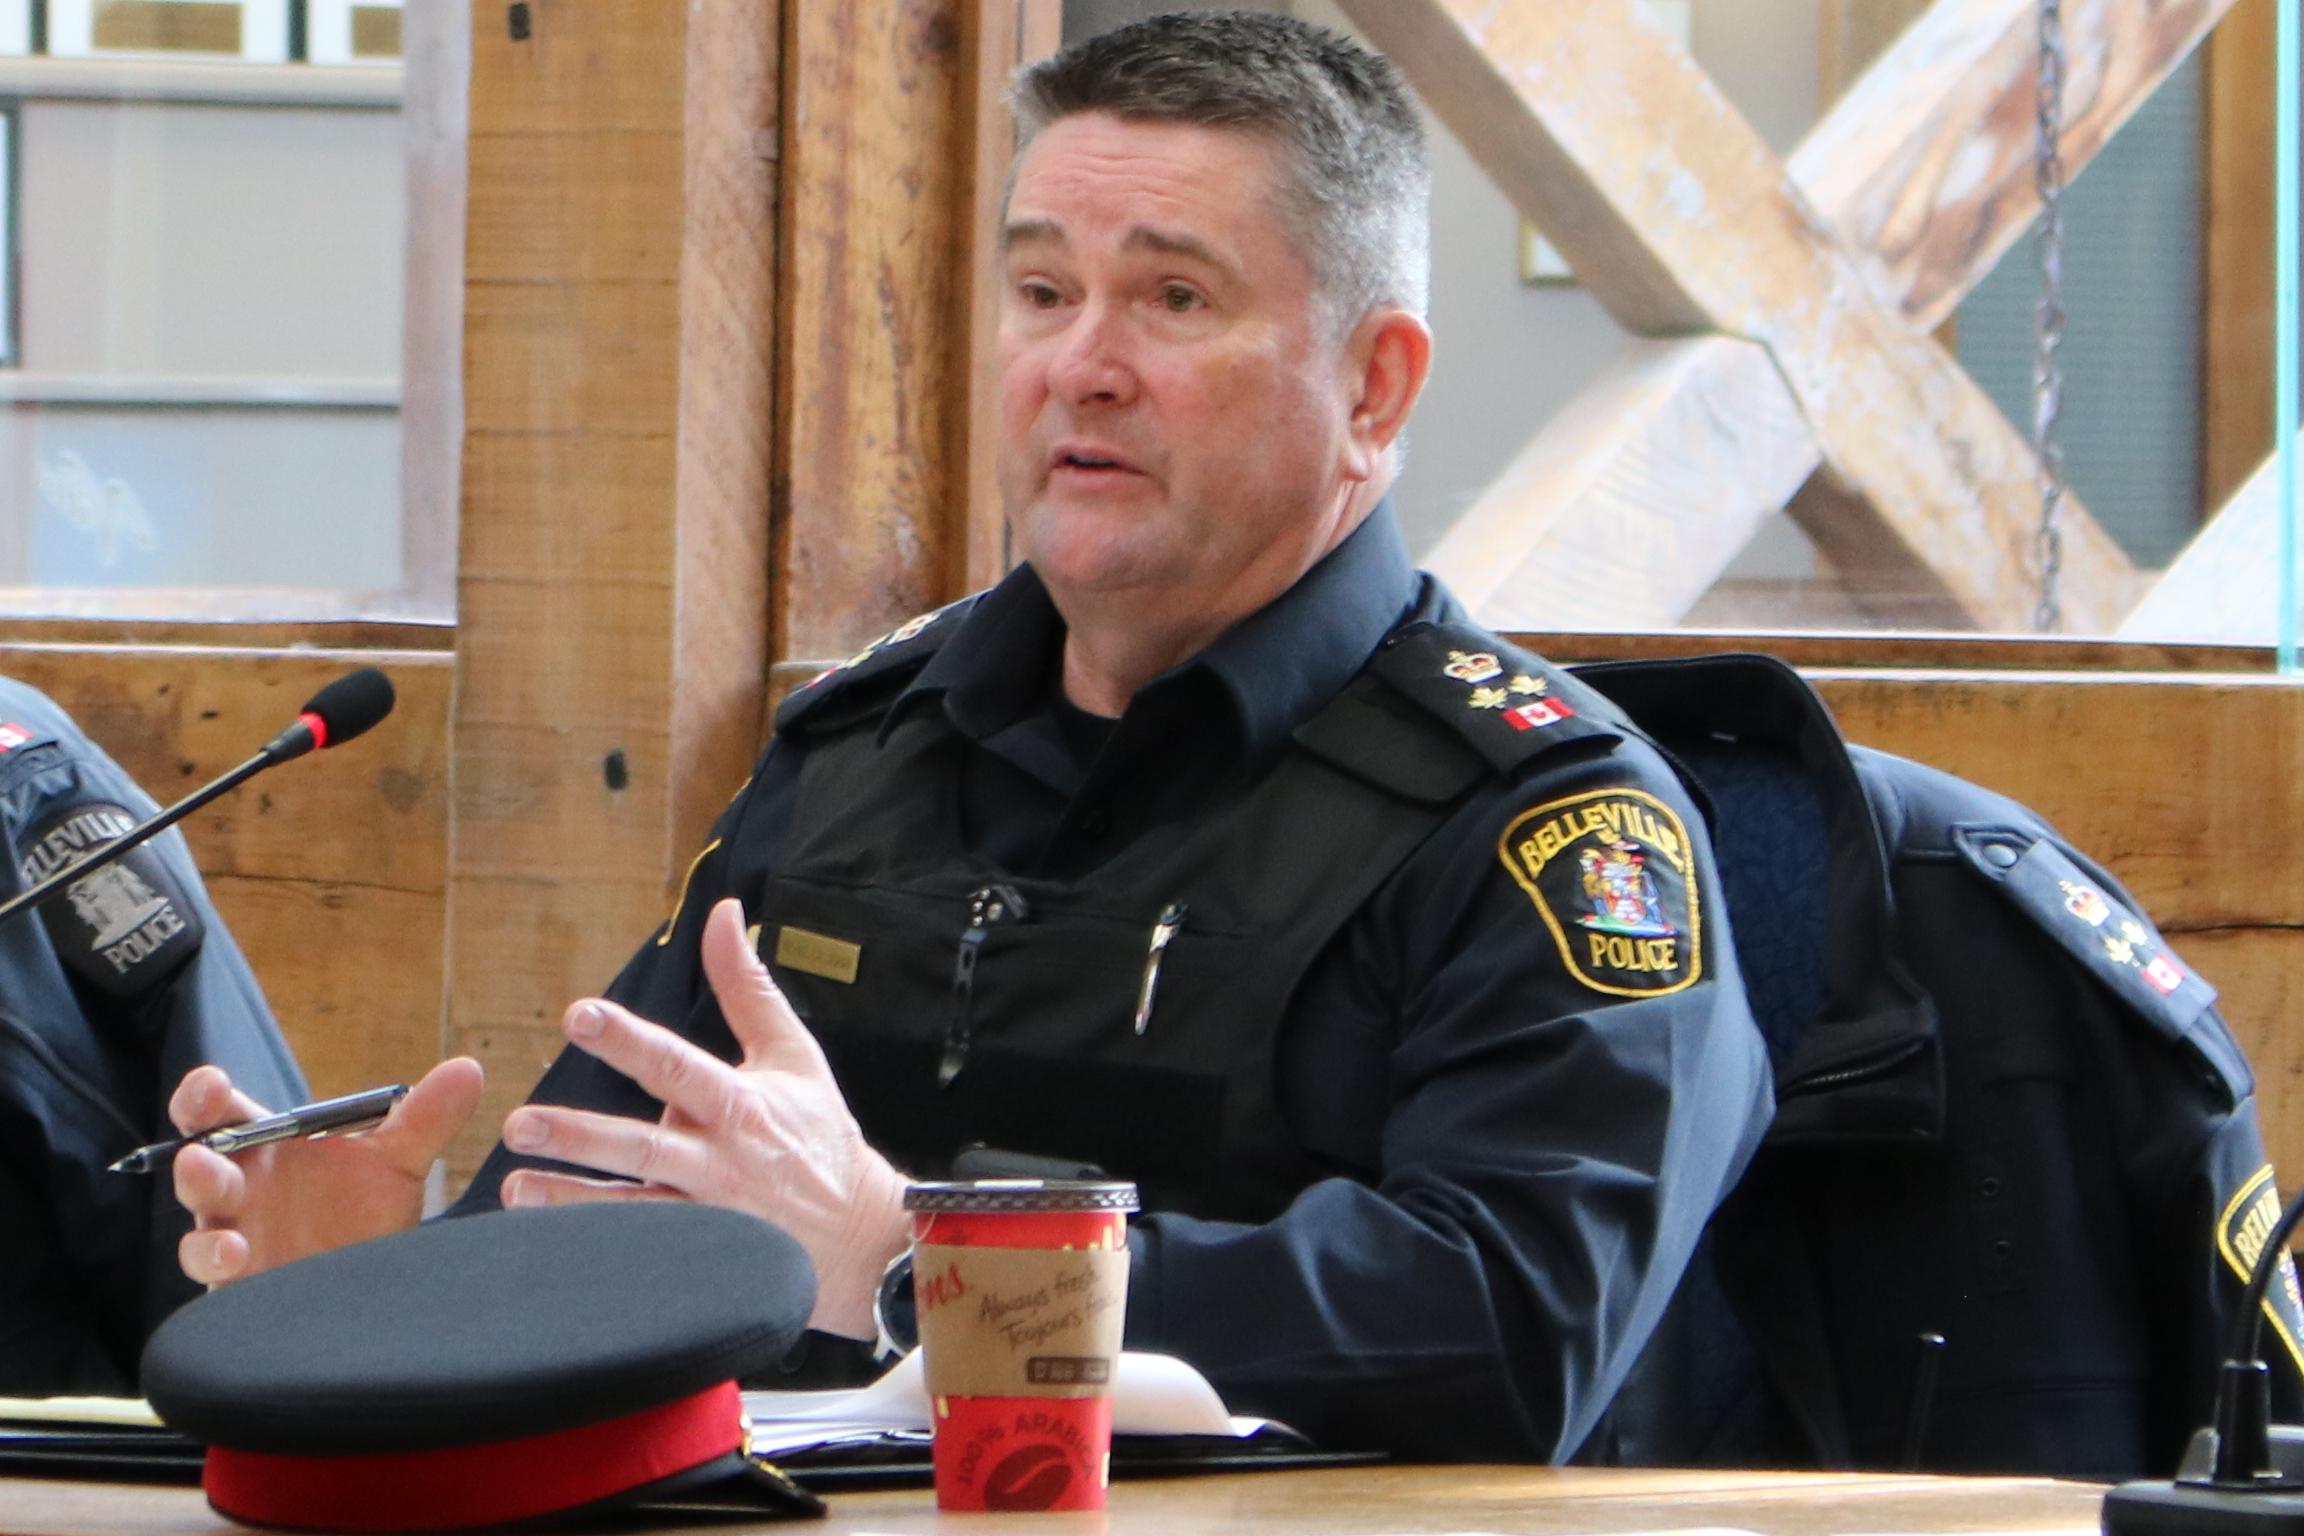 Le chef de la police de Belleville se dit toujours prêt à entendre les inquiétudes des habitants